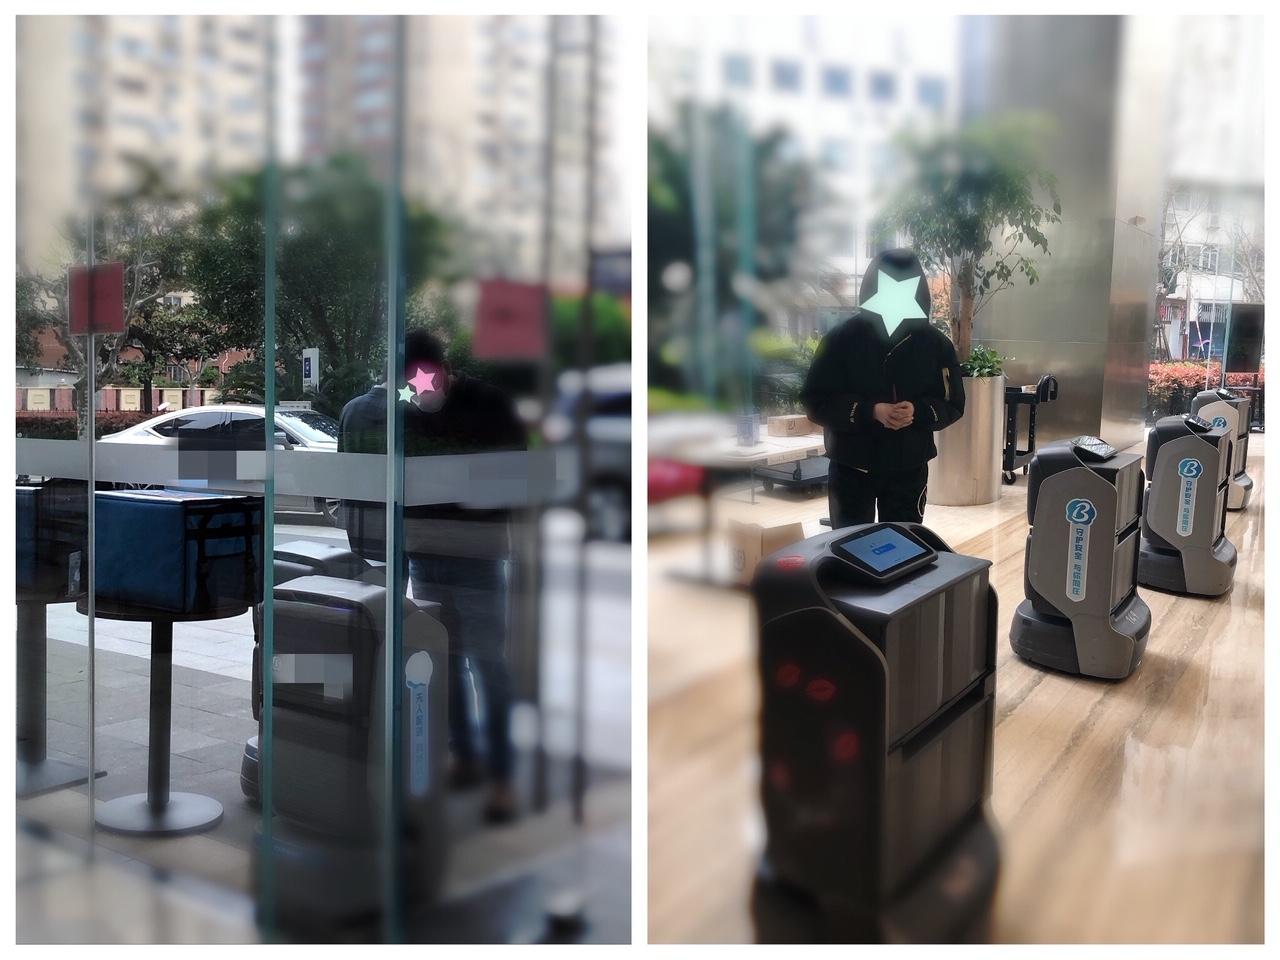 上海•フードデリバリー配達者を待ち、待機中の配送ロボット(2020年3月31日撮影)